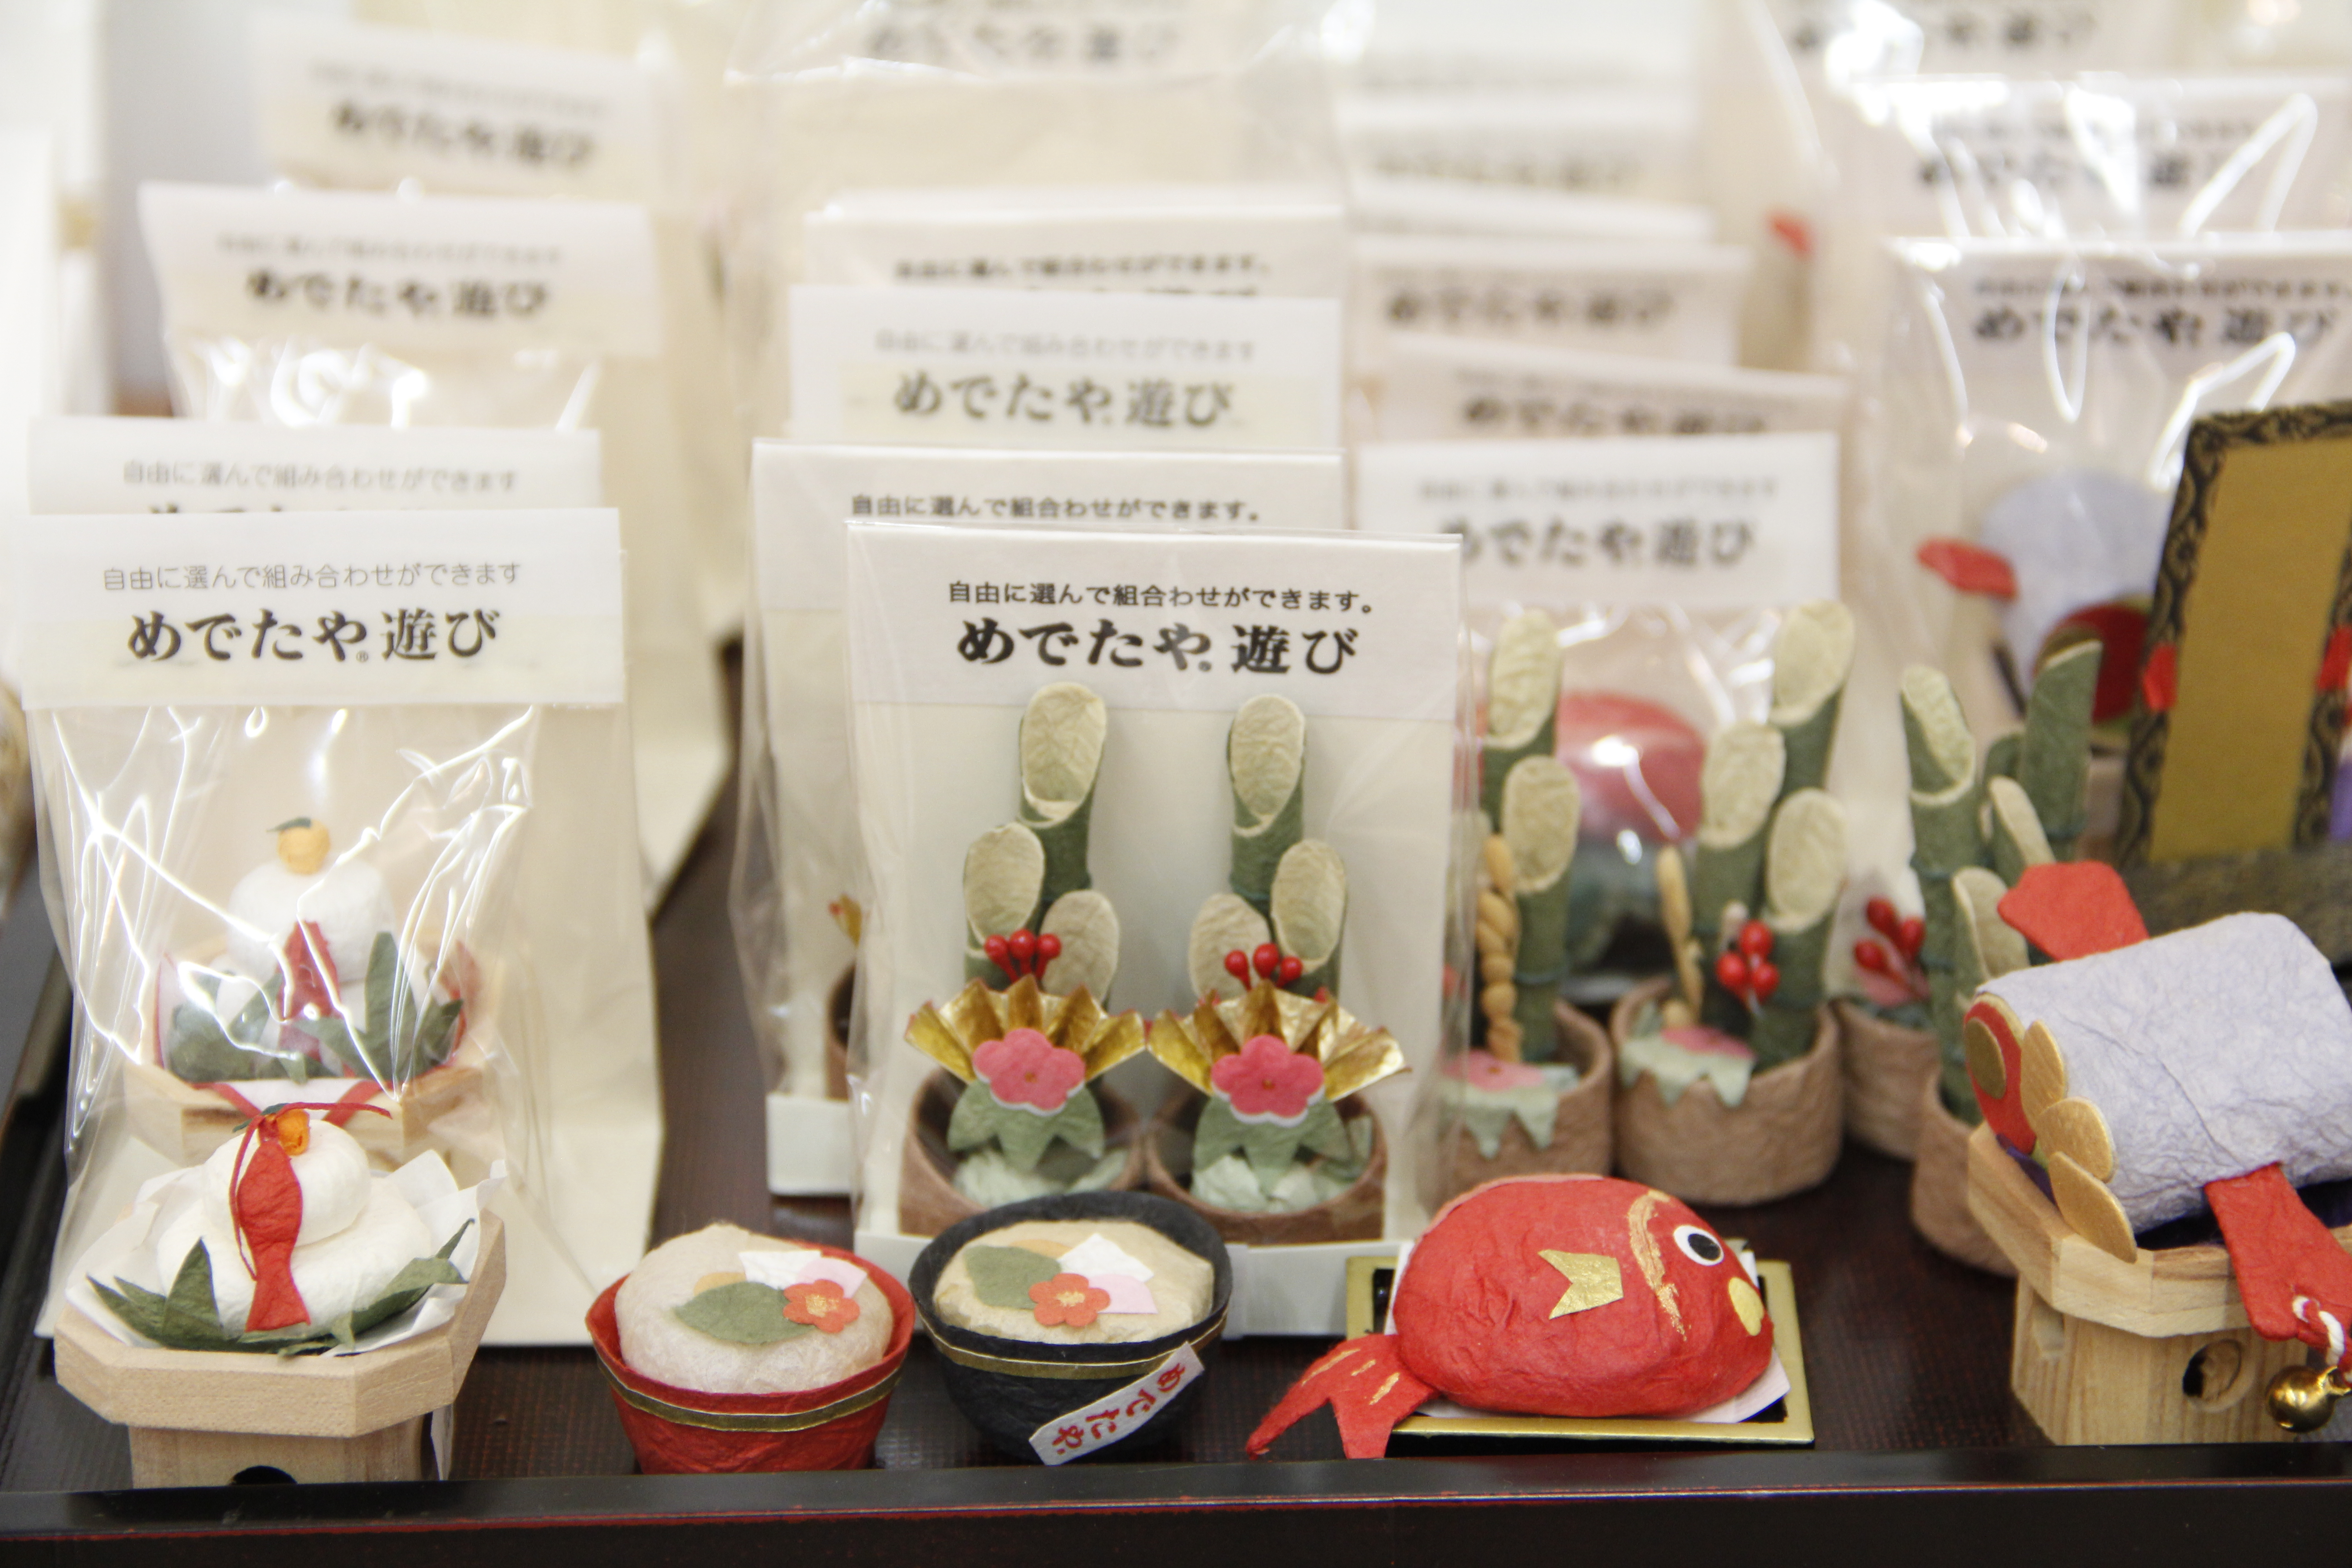 http://hacchi.jp/blog/upload/images/251127-5.JPG